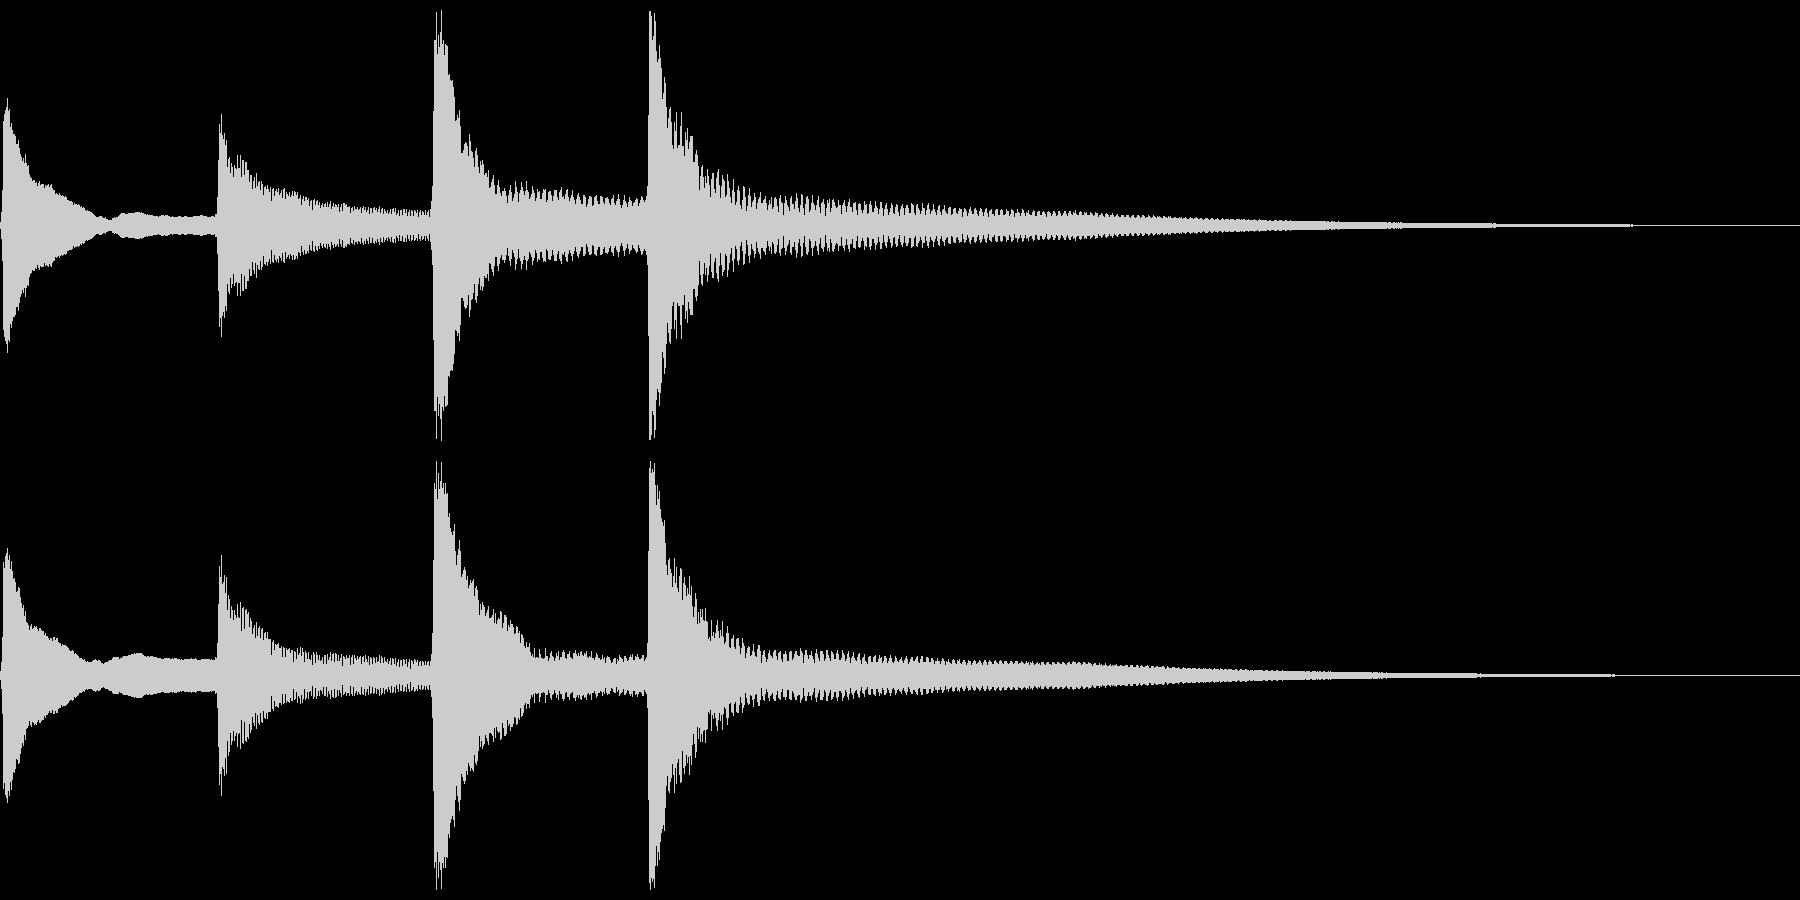 ピンポンパンポン。お知らせ音(終了)の未再生の波形